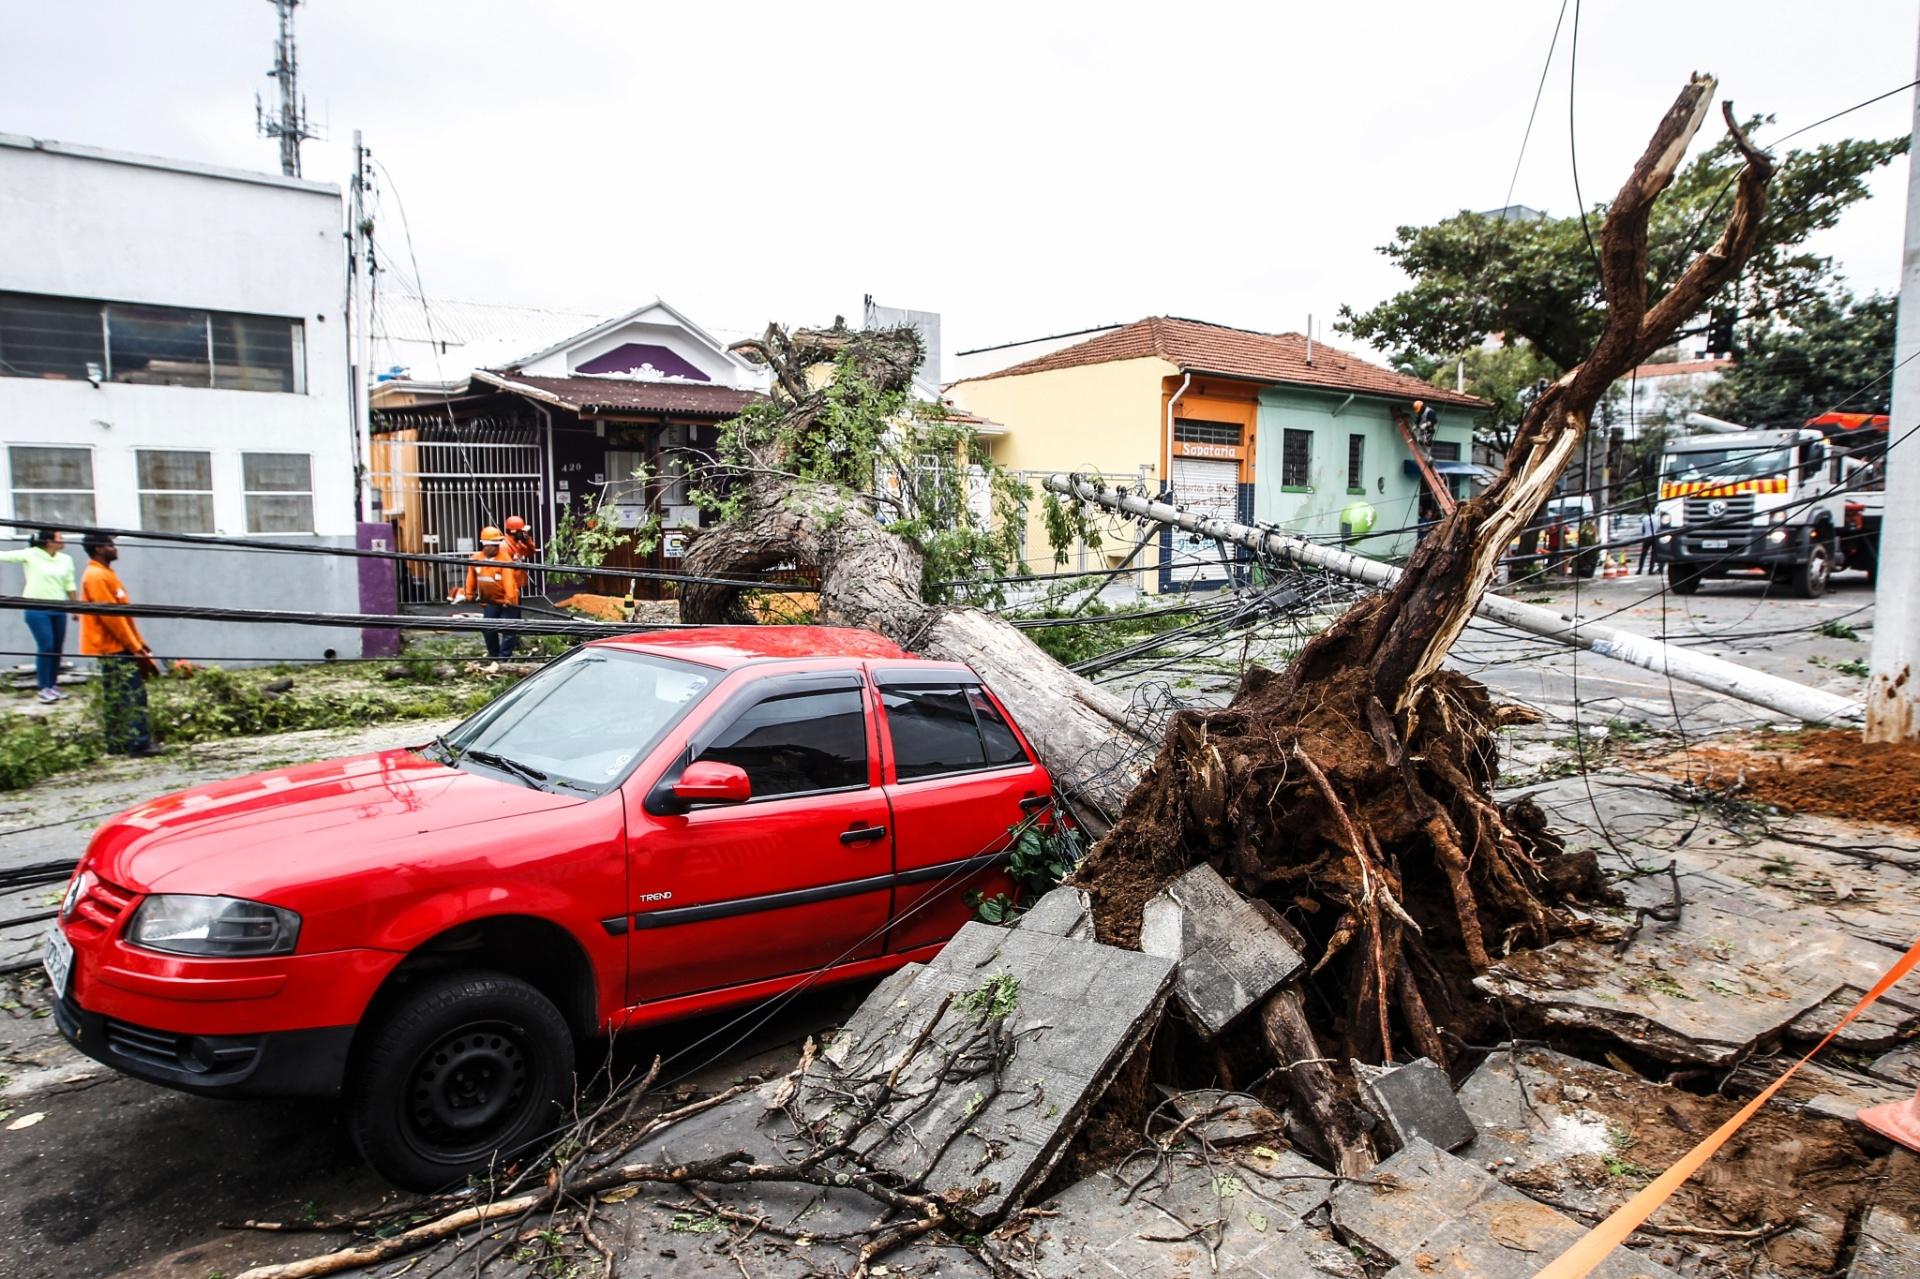 21.out.2016 - Funcionários trabalham para retirar um árvore que caiu em cima de um carro na rua Albion, após fortes chuvas em São Paulo nesta quinta-feira (20)